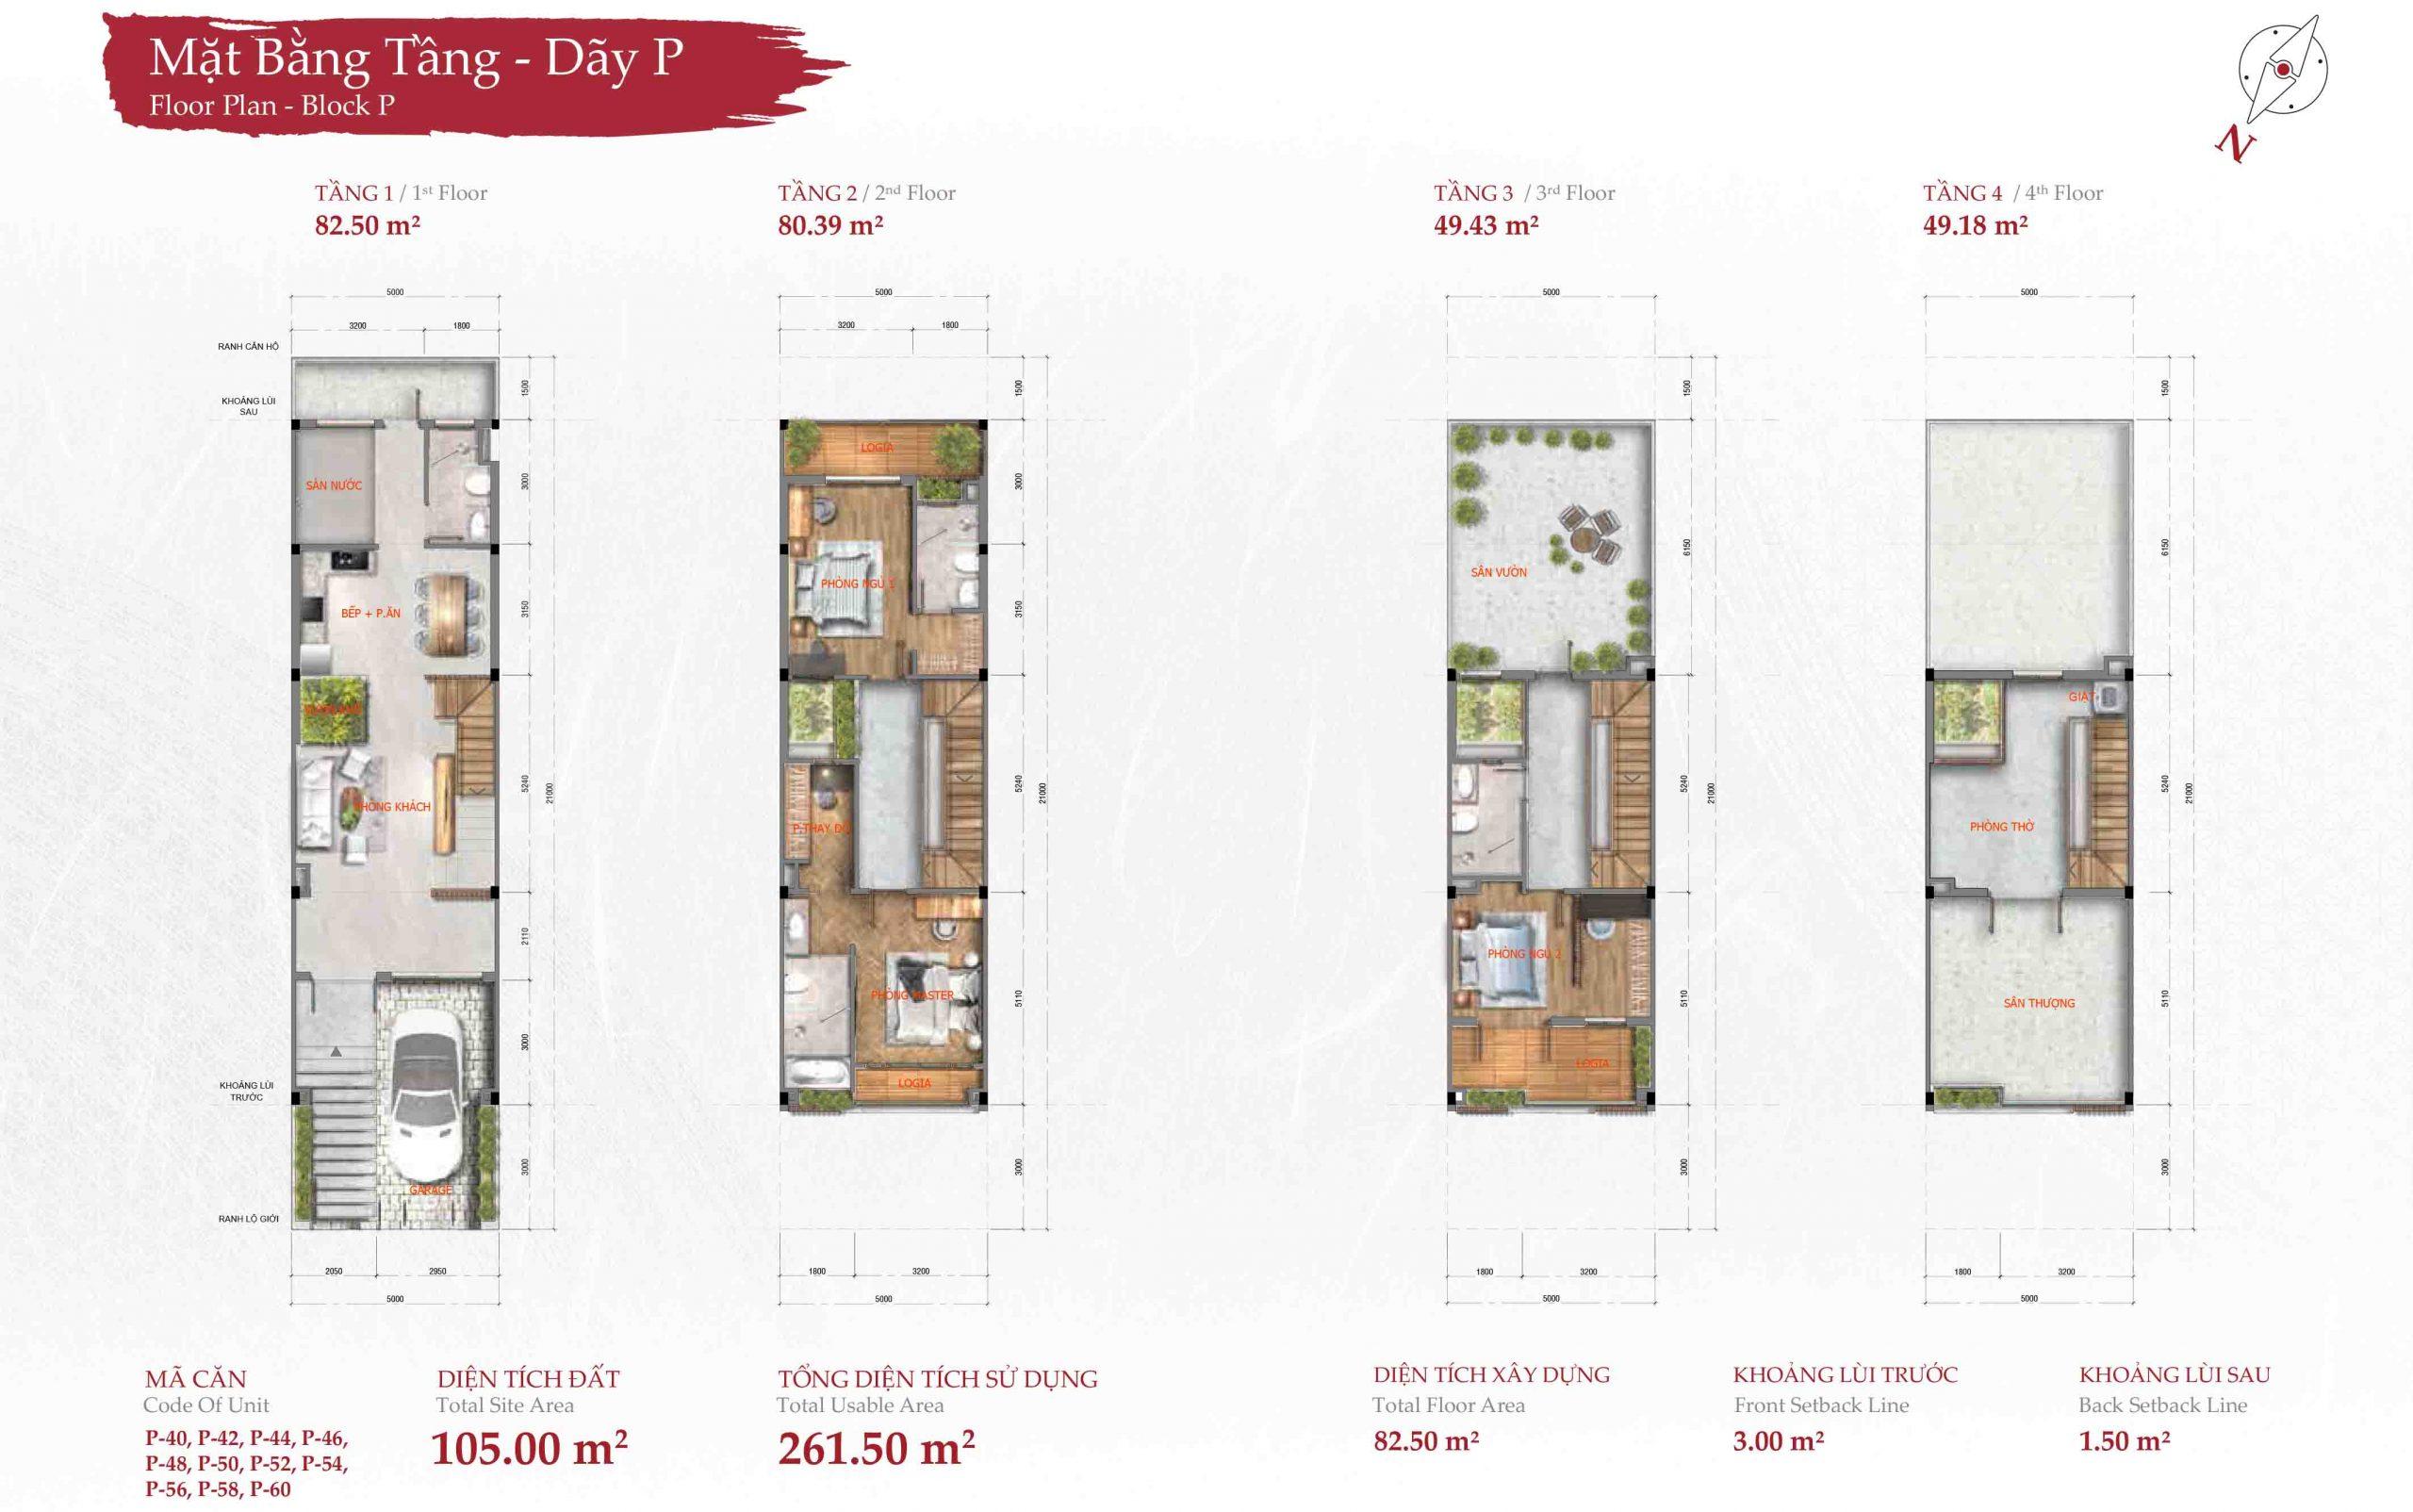 Mặt bằng thiết kế nhà phố takara residence bình dương